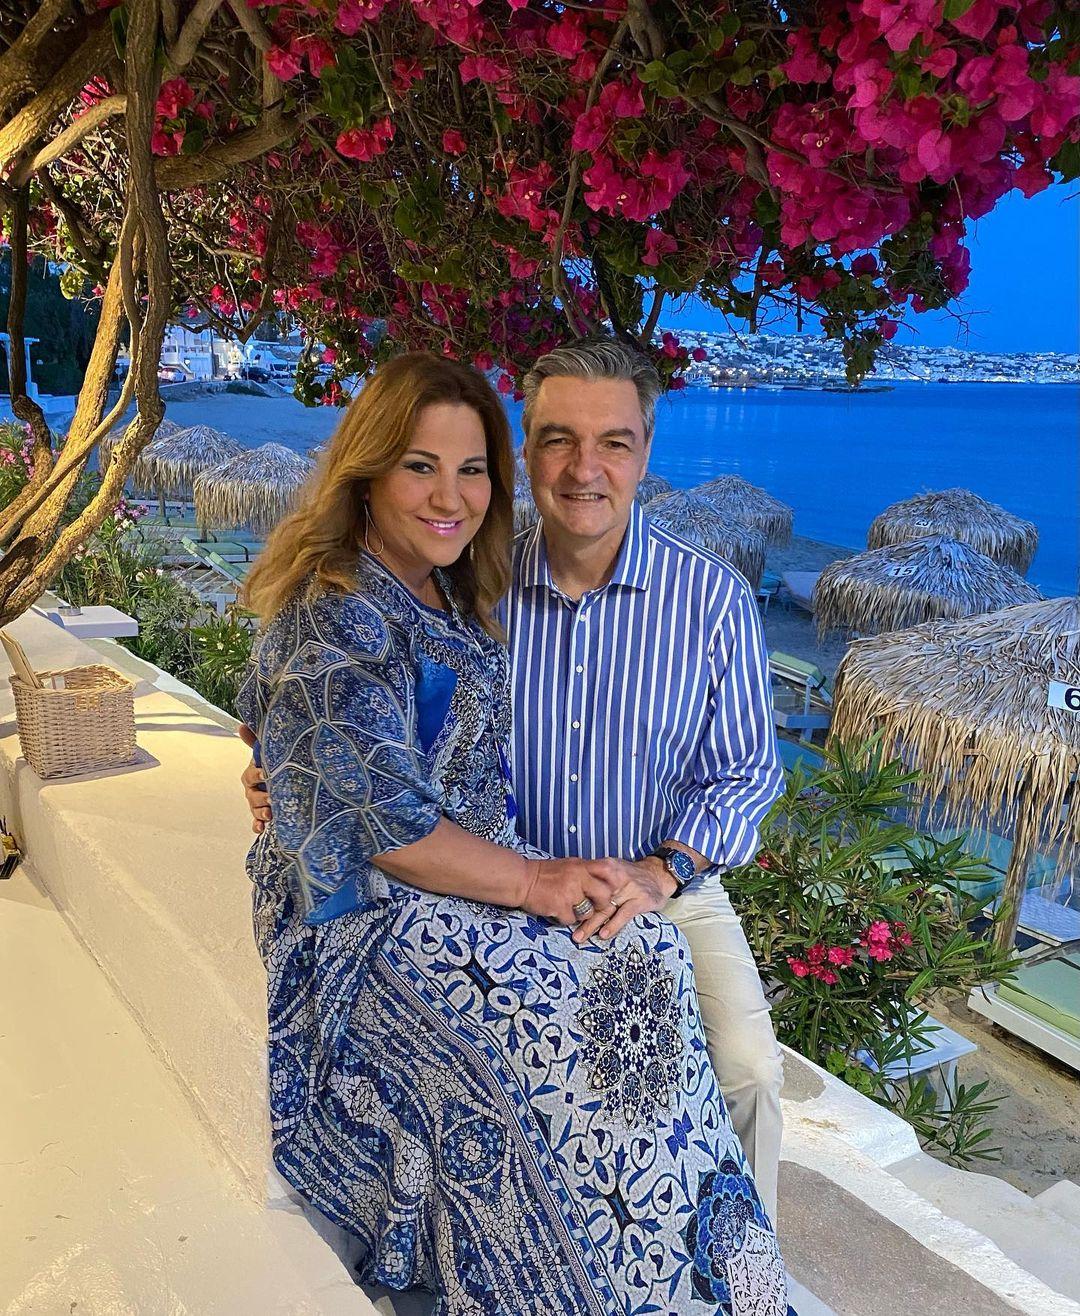 Μοιραράκη-Κοντούλης: Γιόρτασαν την επέτειο του γάμου τους στη Μύκονο!